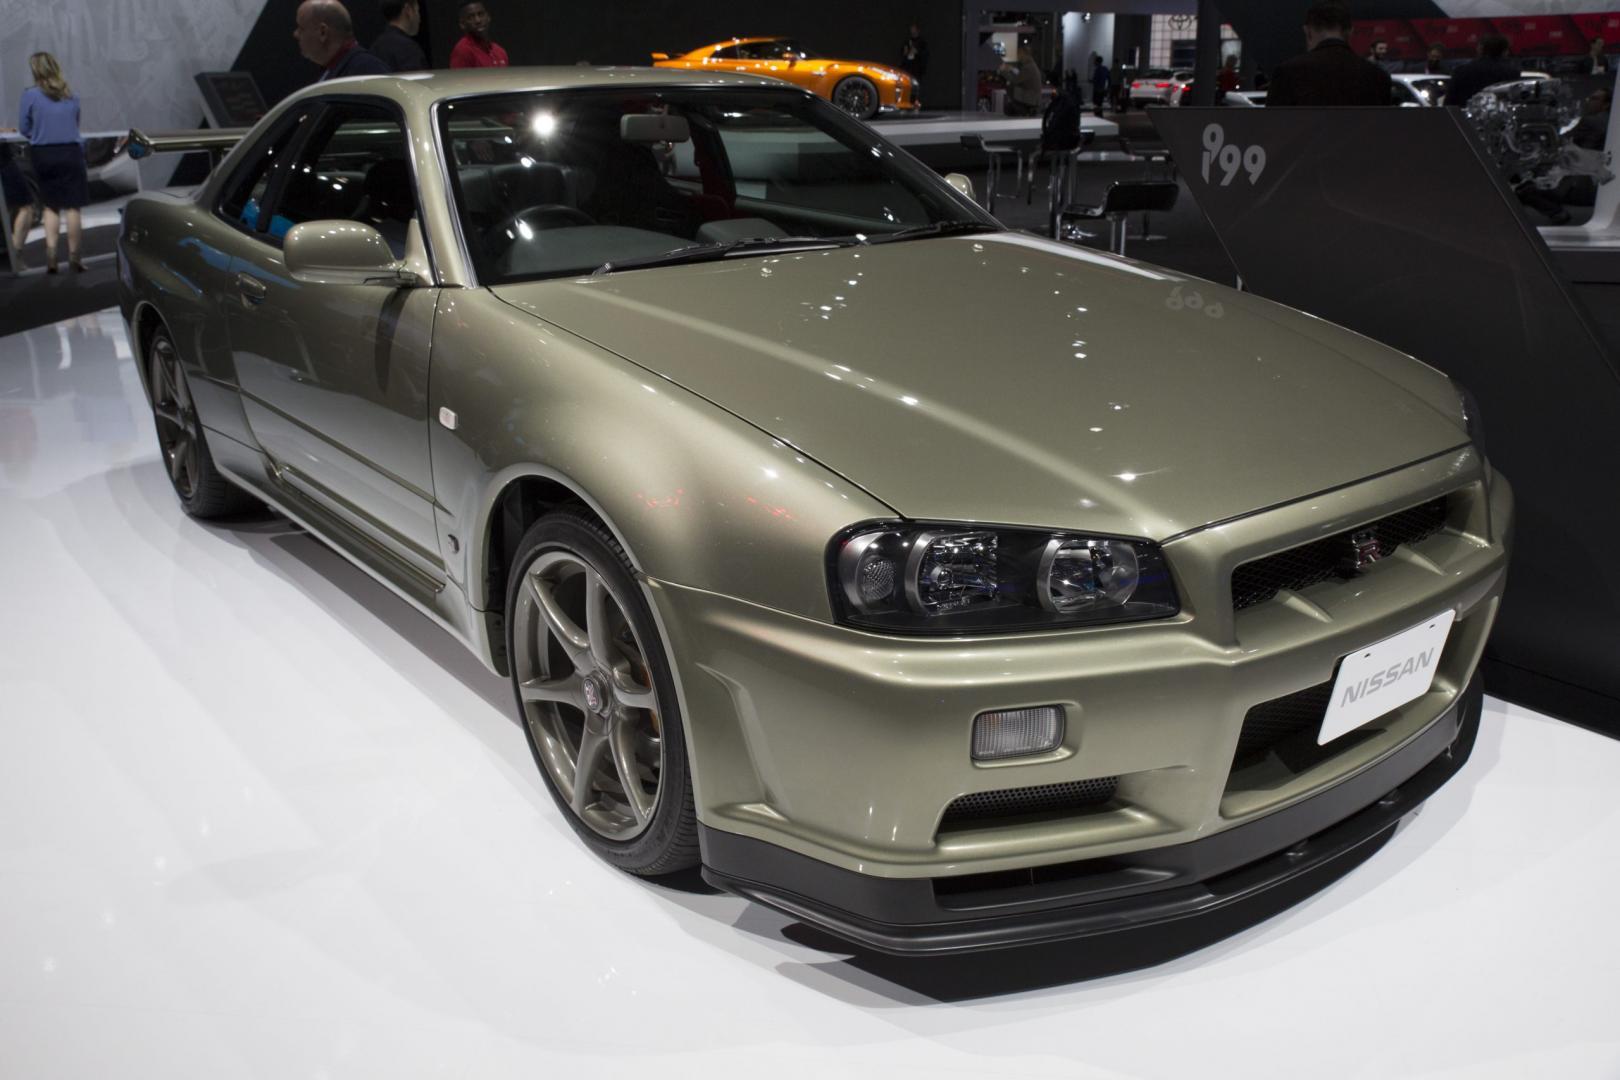 1999 Nissan Skyline GT-R R34 M-Spec Nur